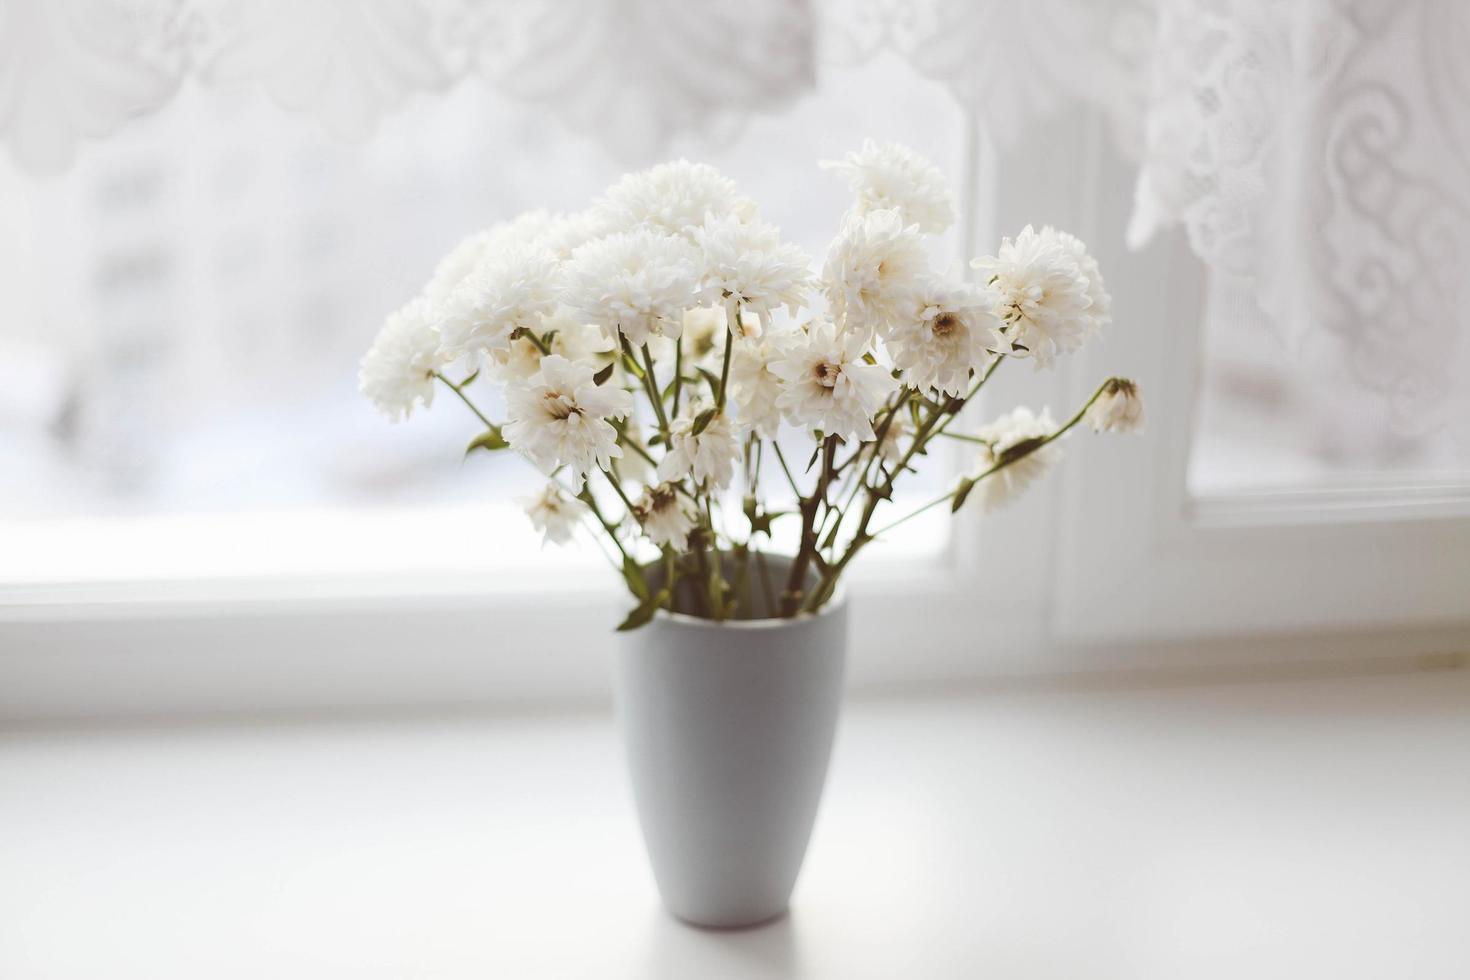 bouquet de fleurs blanches dans un vase photo